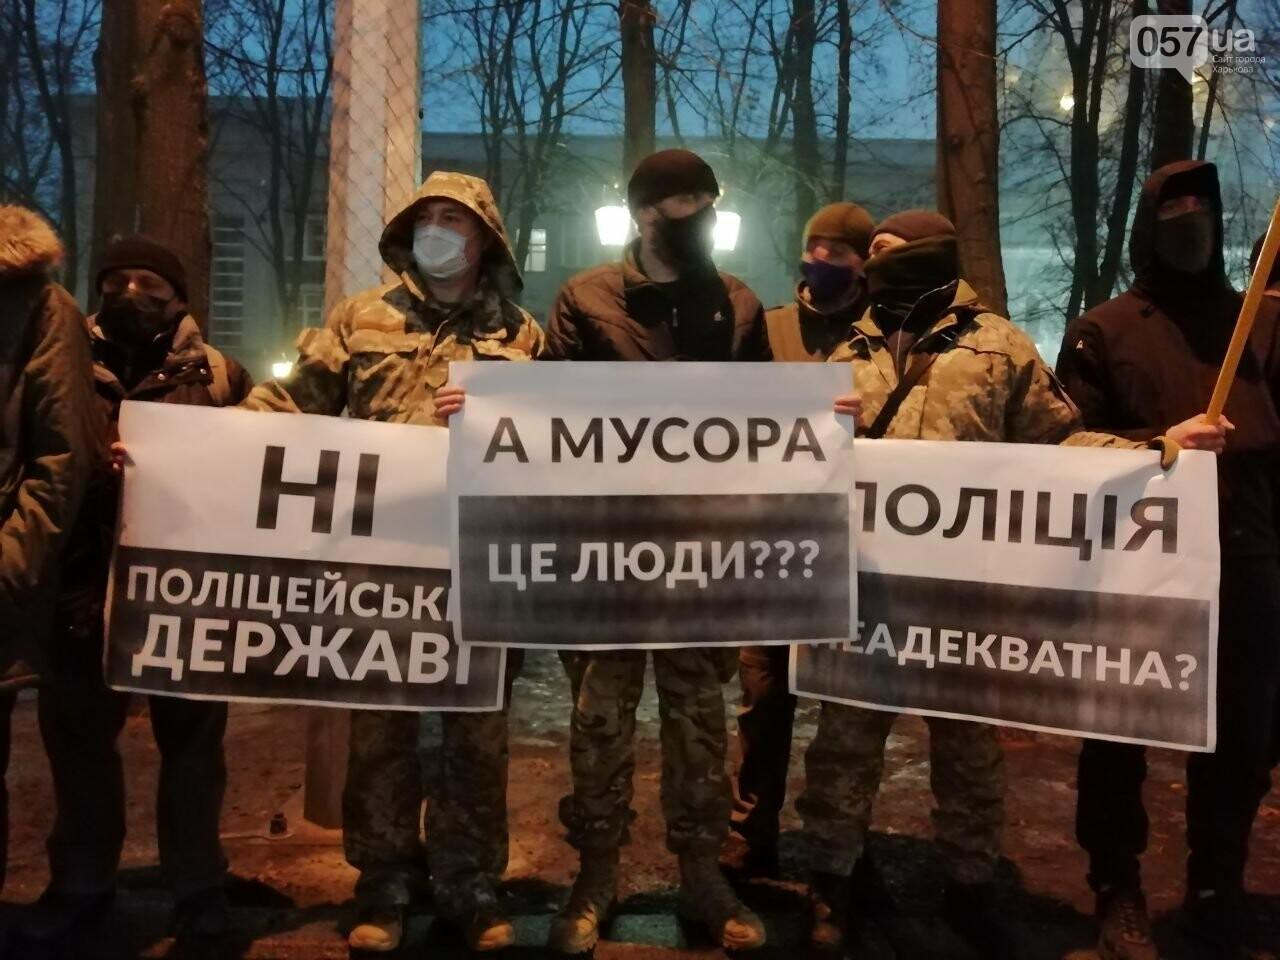 «Мусора - не люди»: из-за слов Авакова в центре Харькова активисты пикетировали облуправление полиции, - ФОТО, фото-8